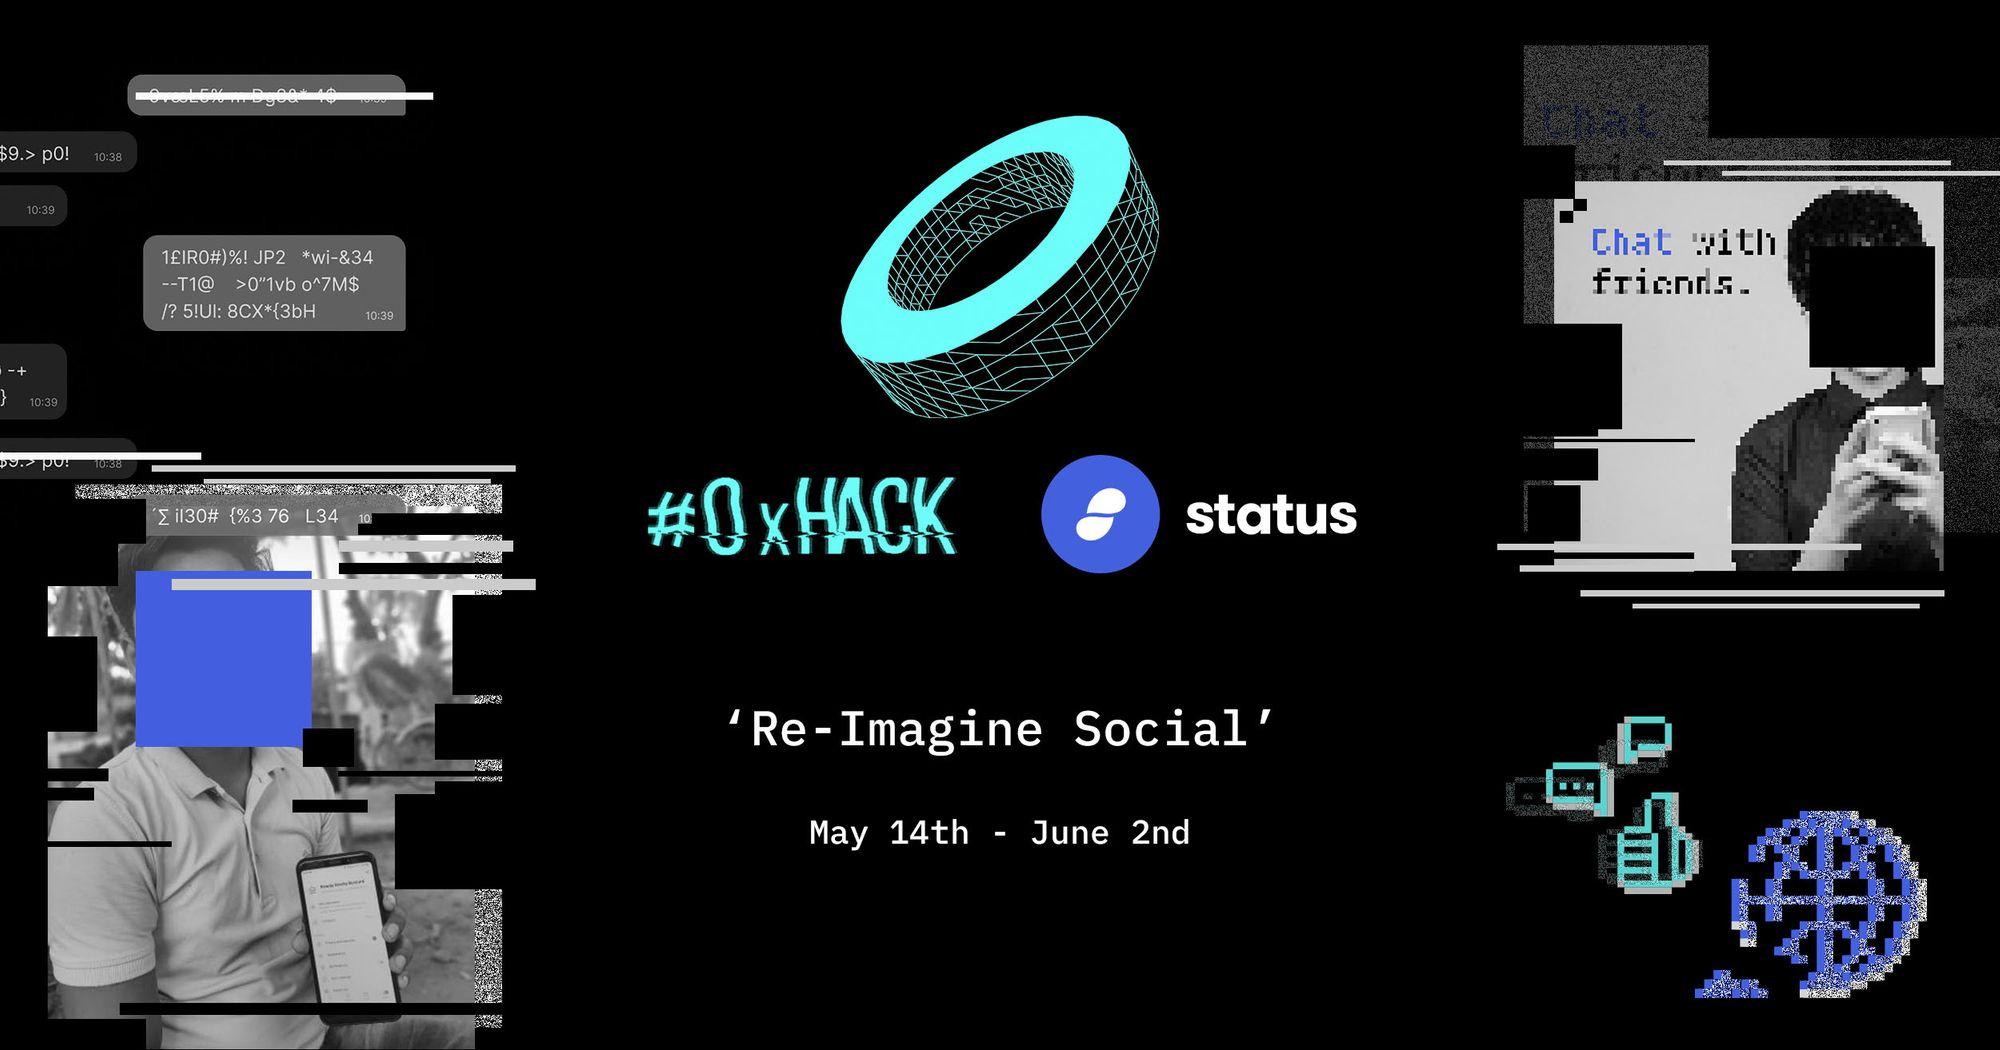 Re-Imagine Social at 0x Hack